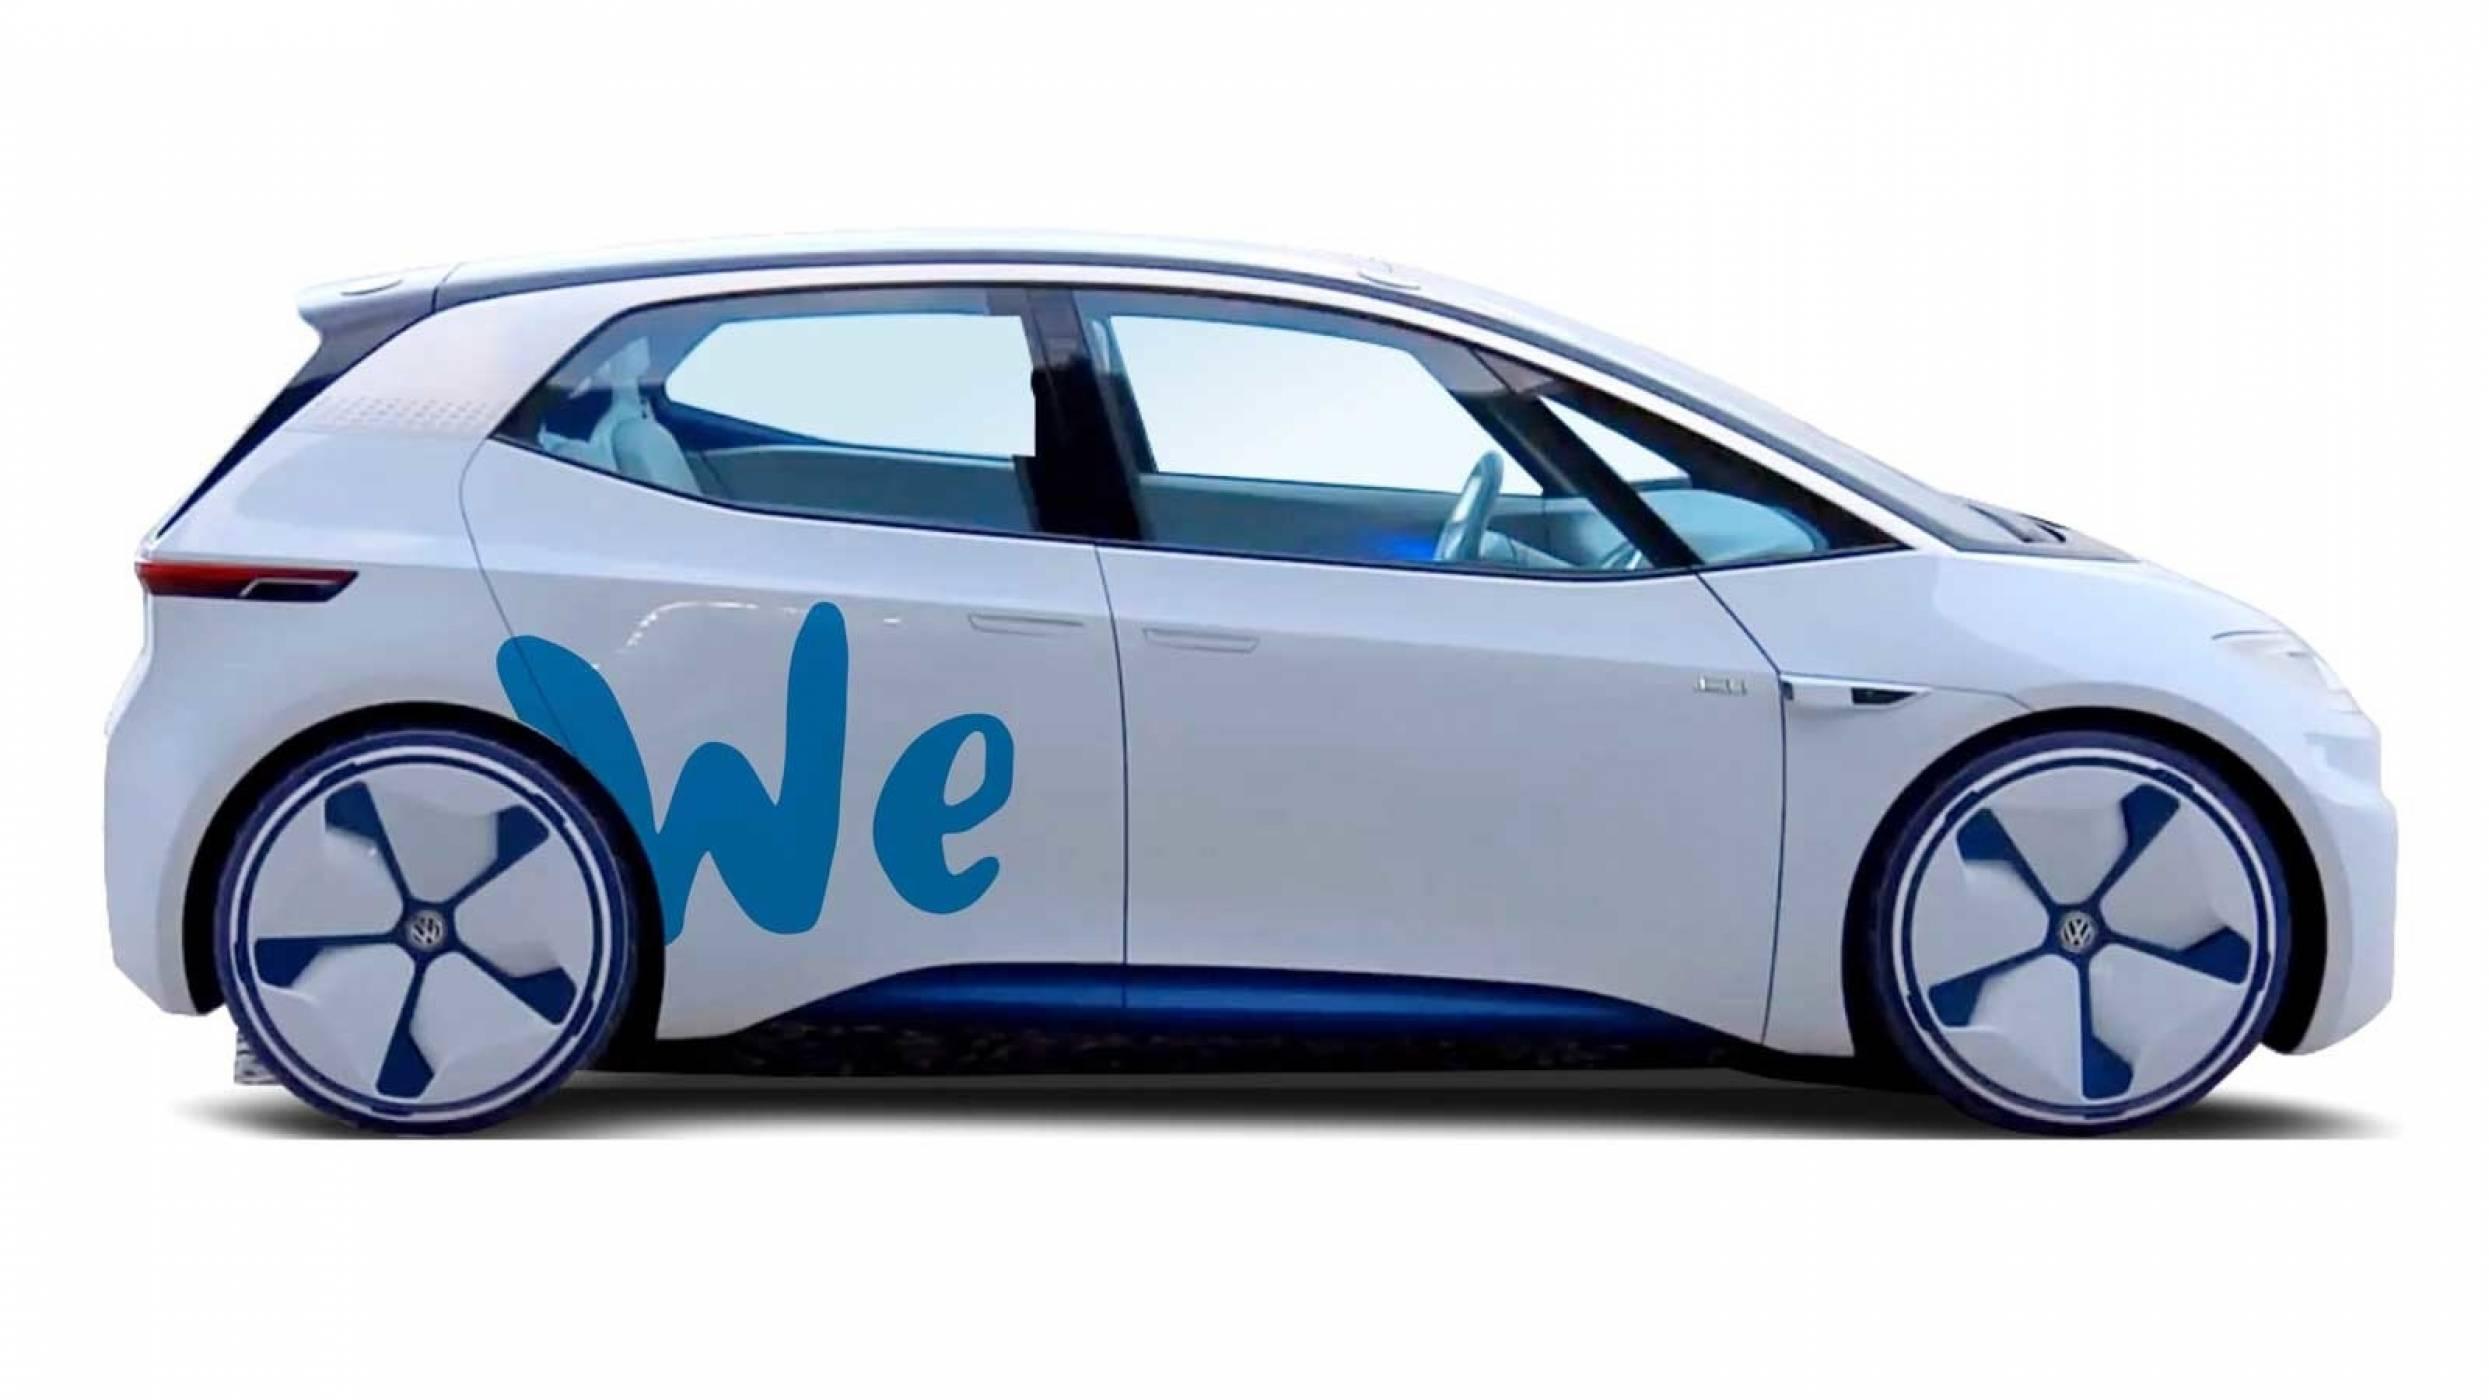 Е-коли на VW и Renault скоро може да ни возят в мрежа за споделено пътуване